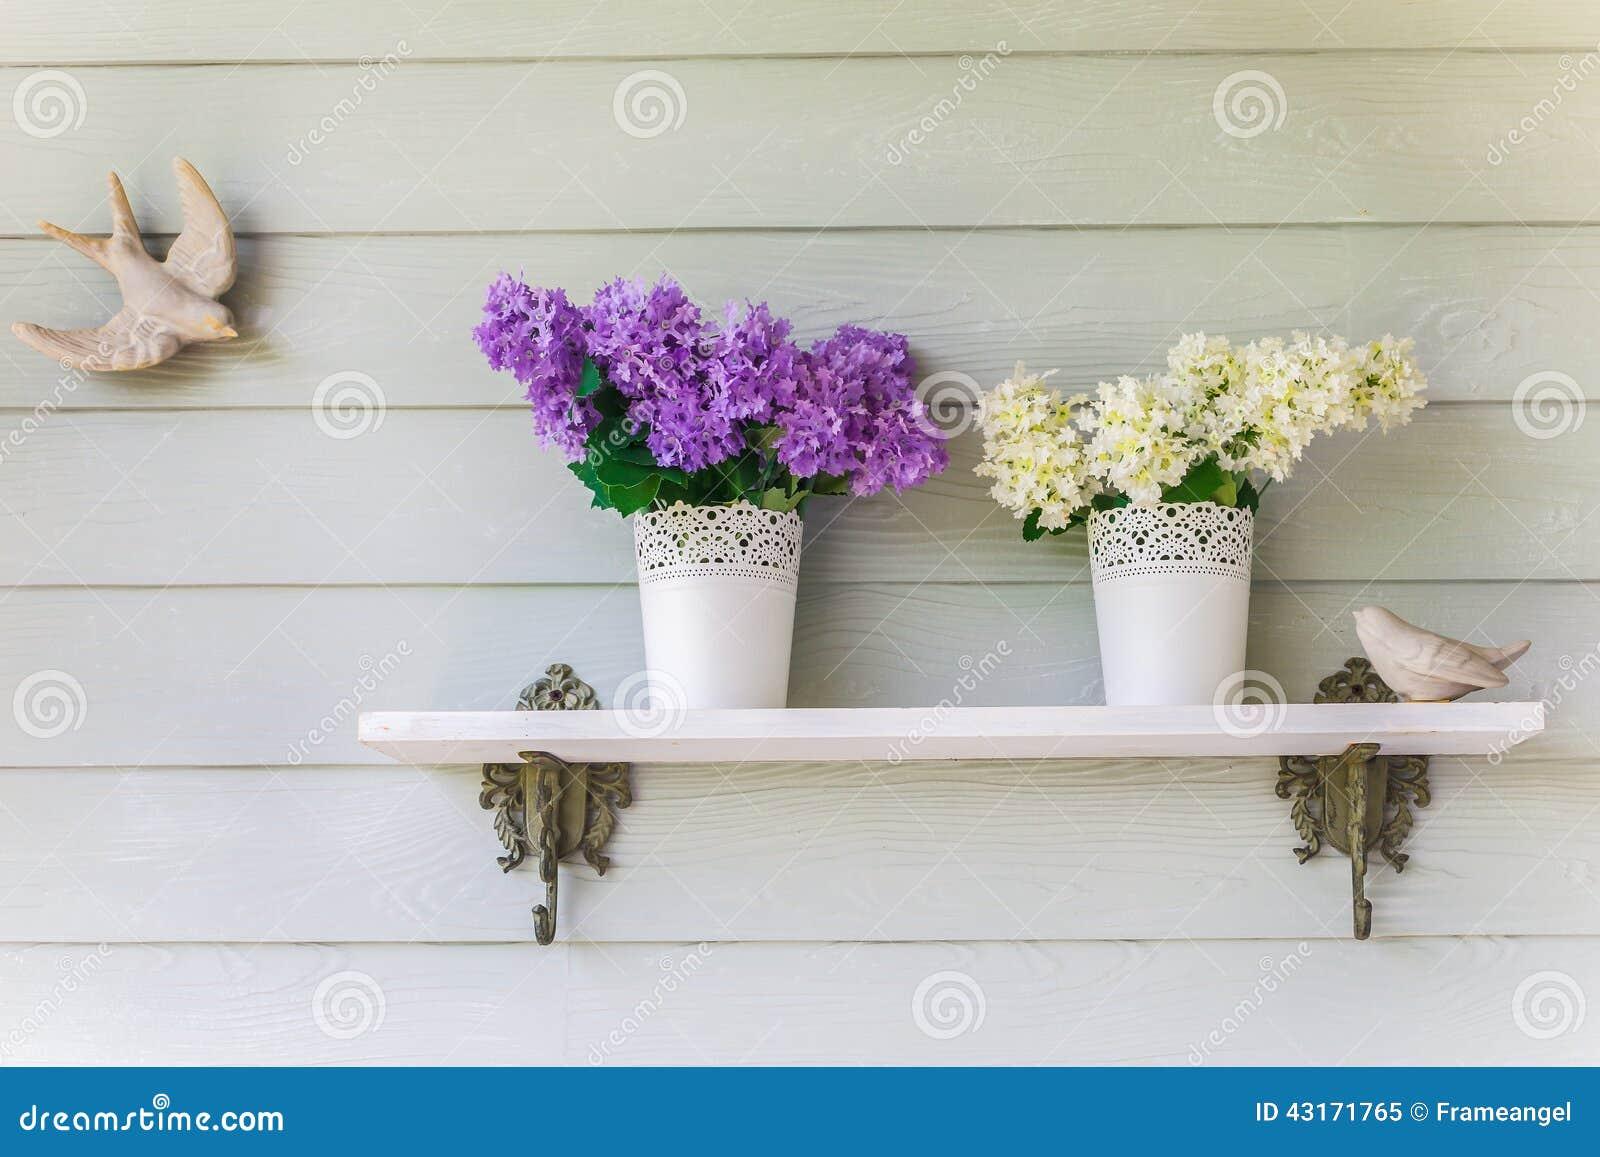 Glitter Sulla Parete : Fiori variopinti in vasi d annata sulla parete immagine